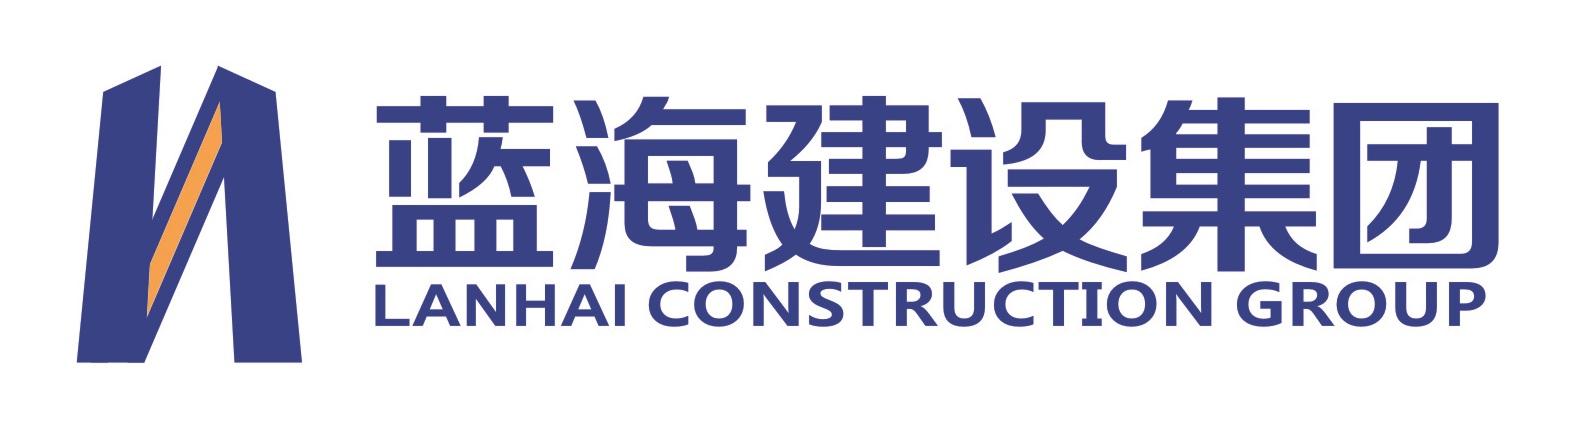 蓝海建设集团有限公司